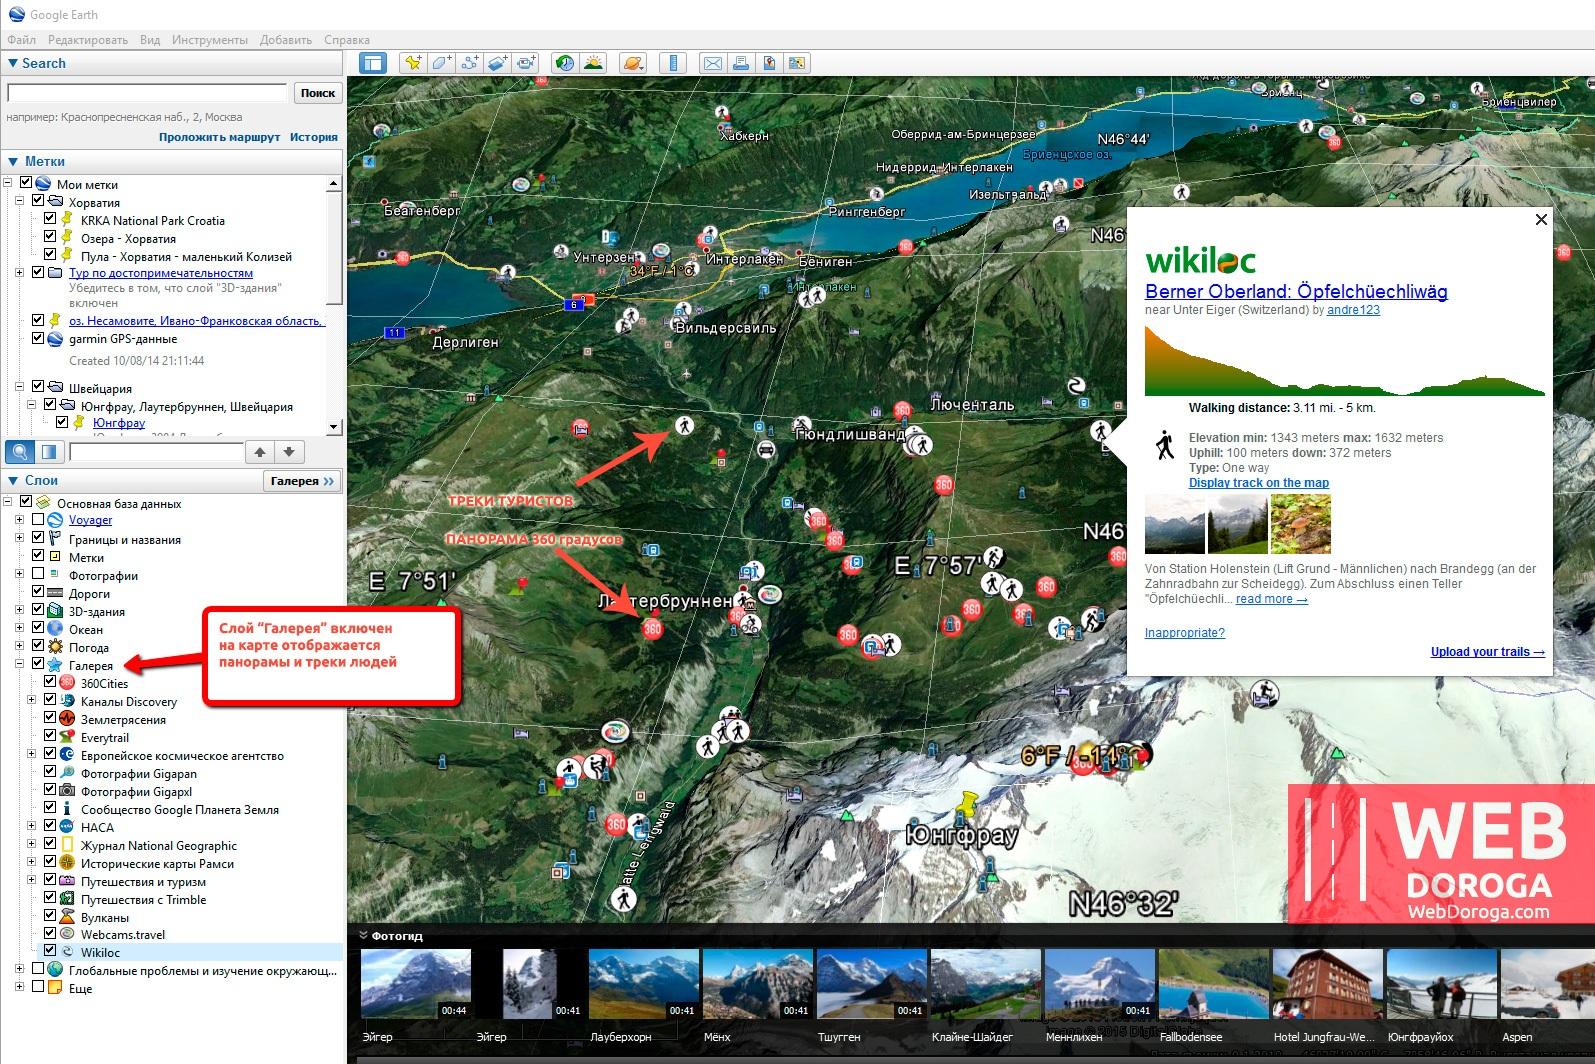 Показ фото в разделе Галереи в Google Планете Земля